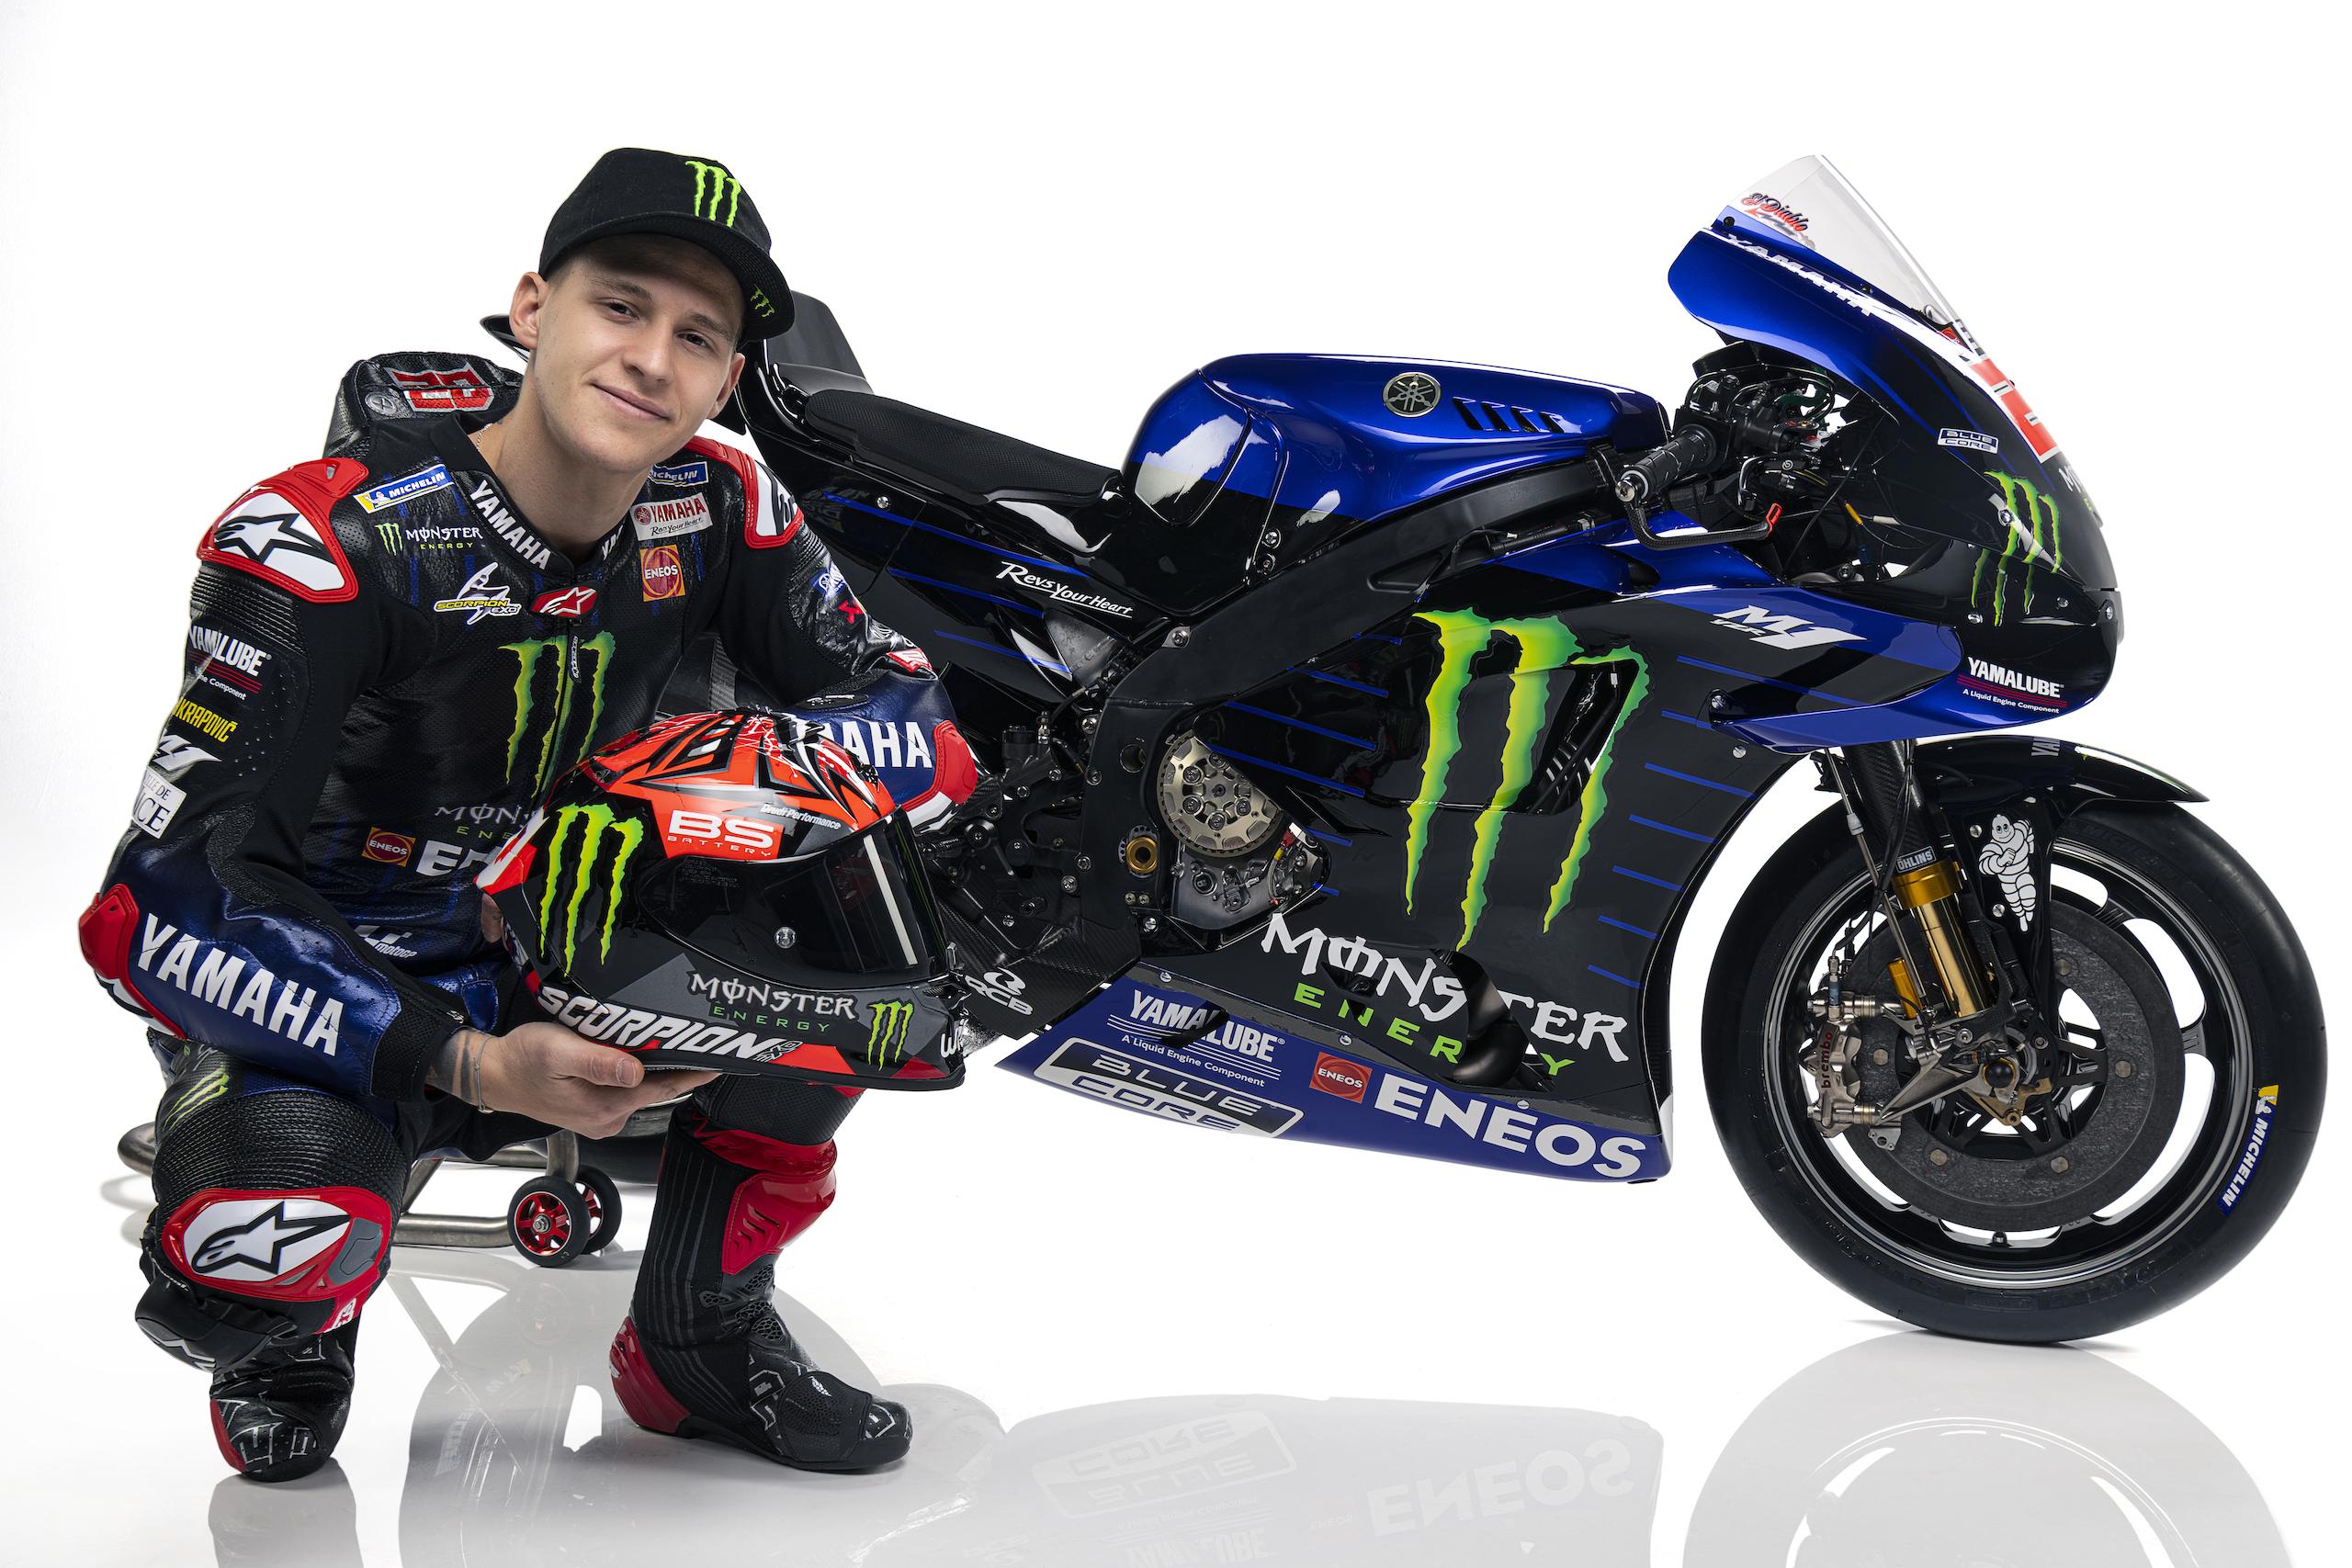 Fabio Quartararo podczas prezentacji na sezon 2021 MotoGP